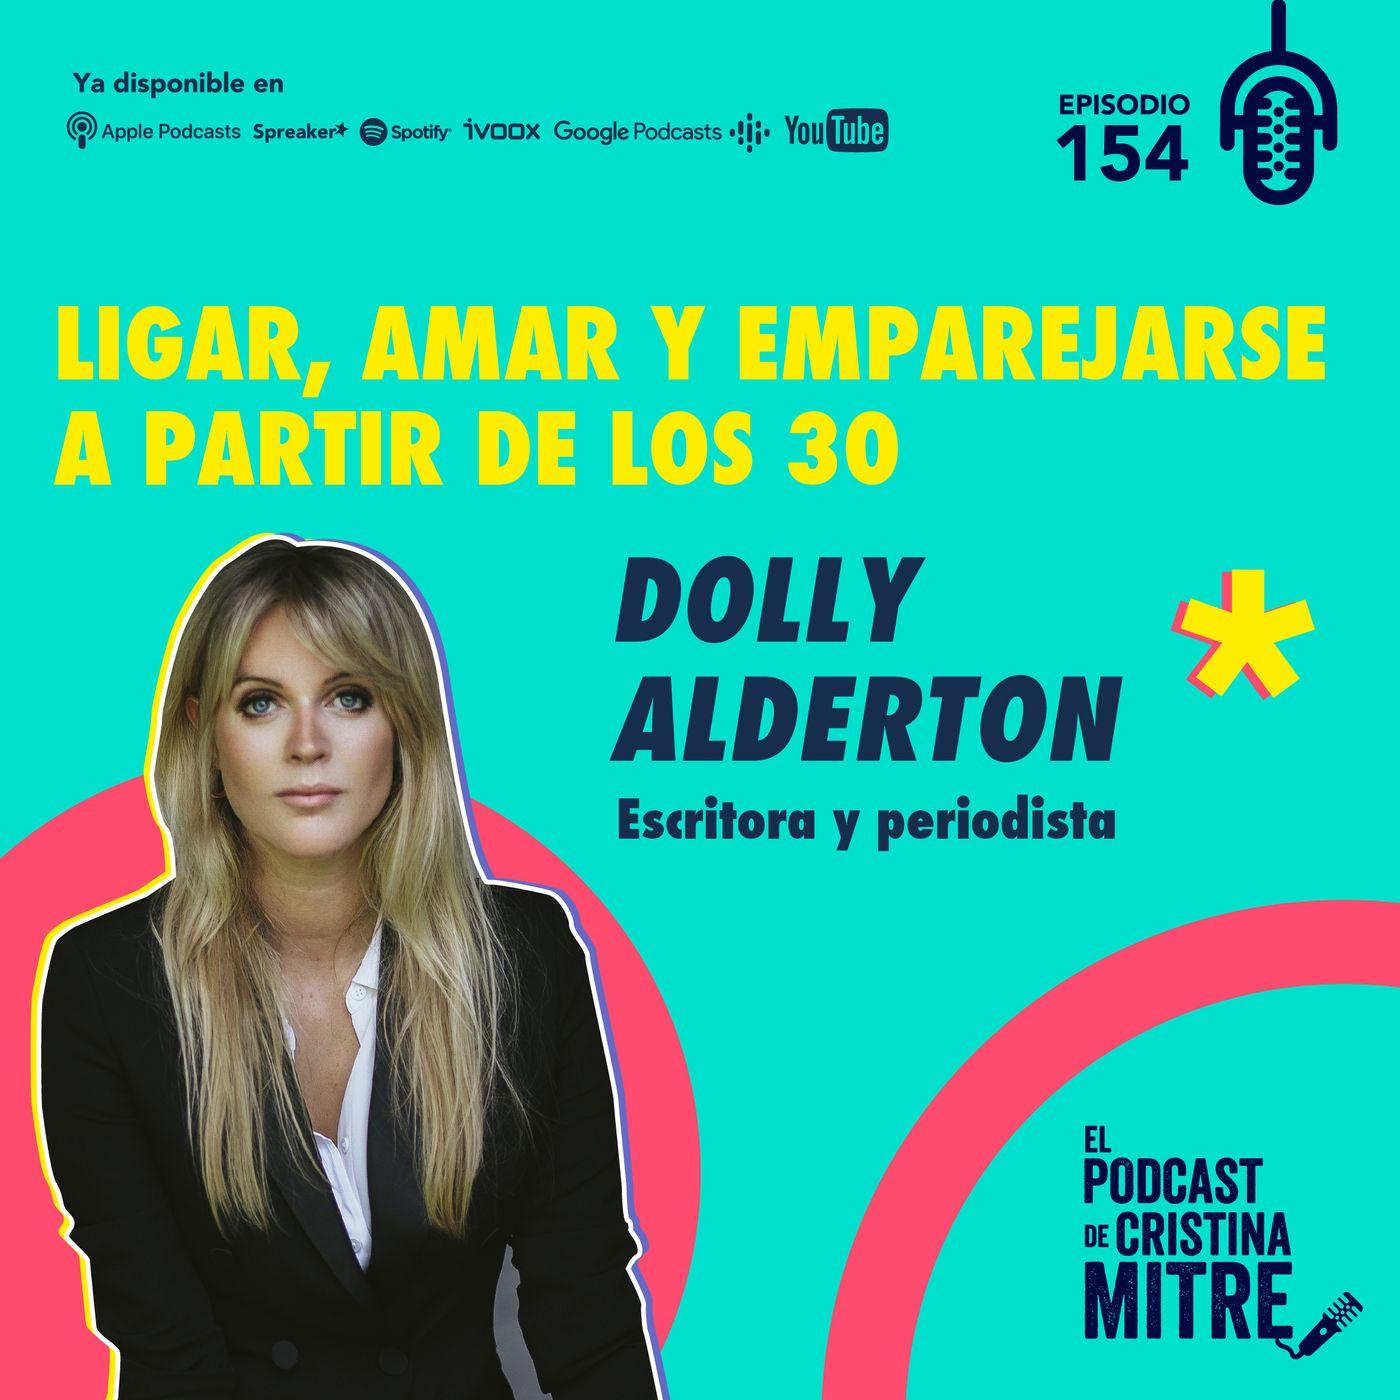 Ligar, amar y emparejarse a partir de los 30 con Dolly Alderton. Episodio 154